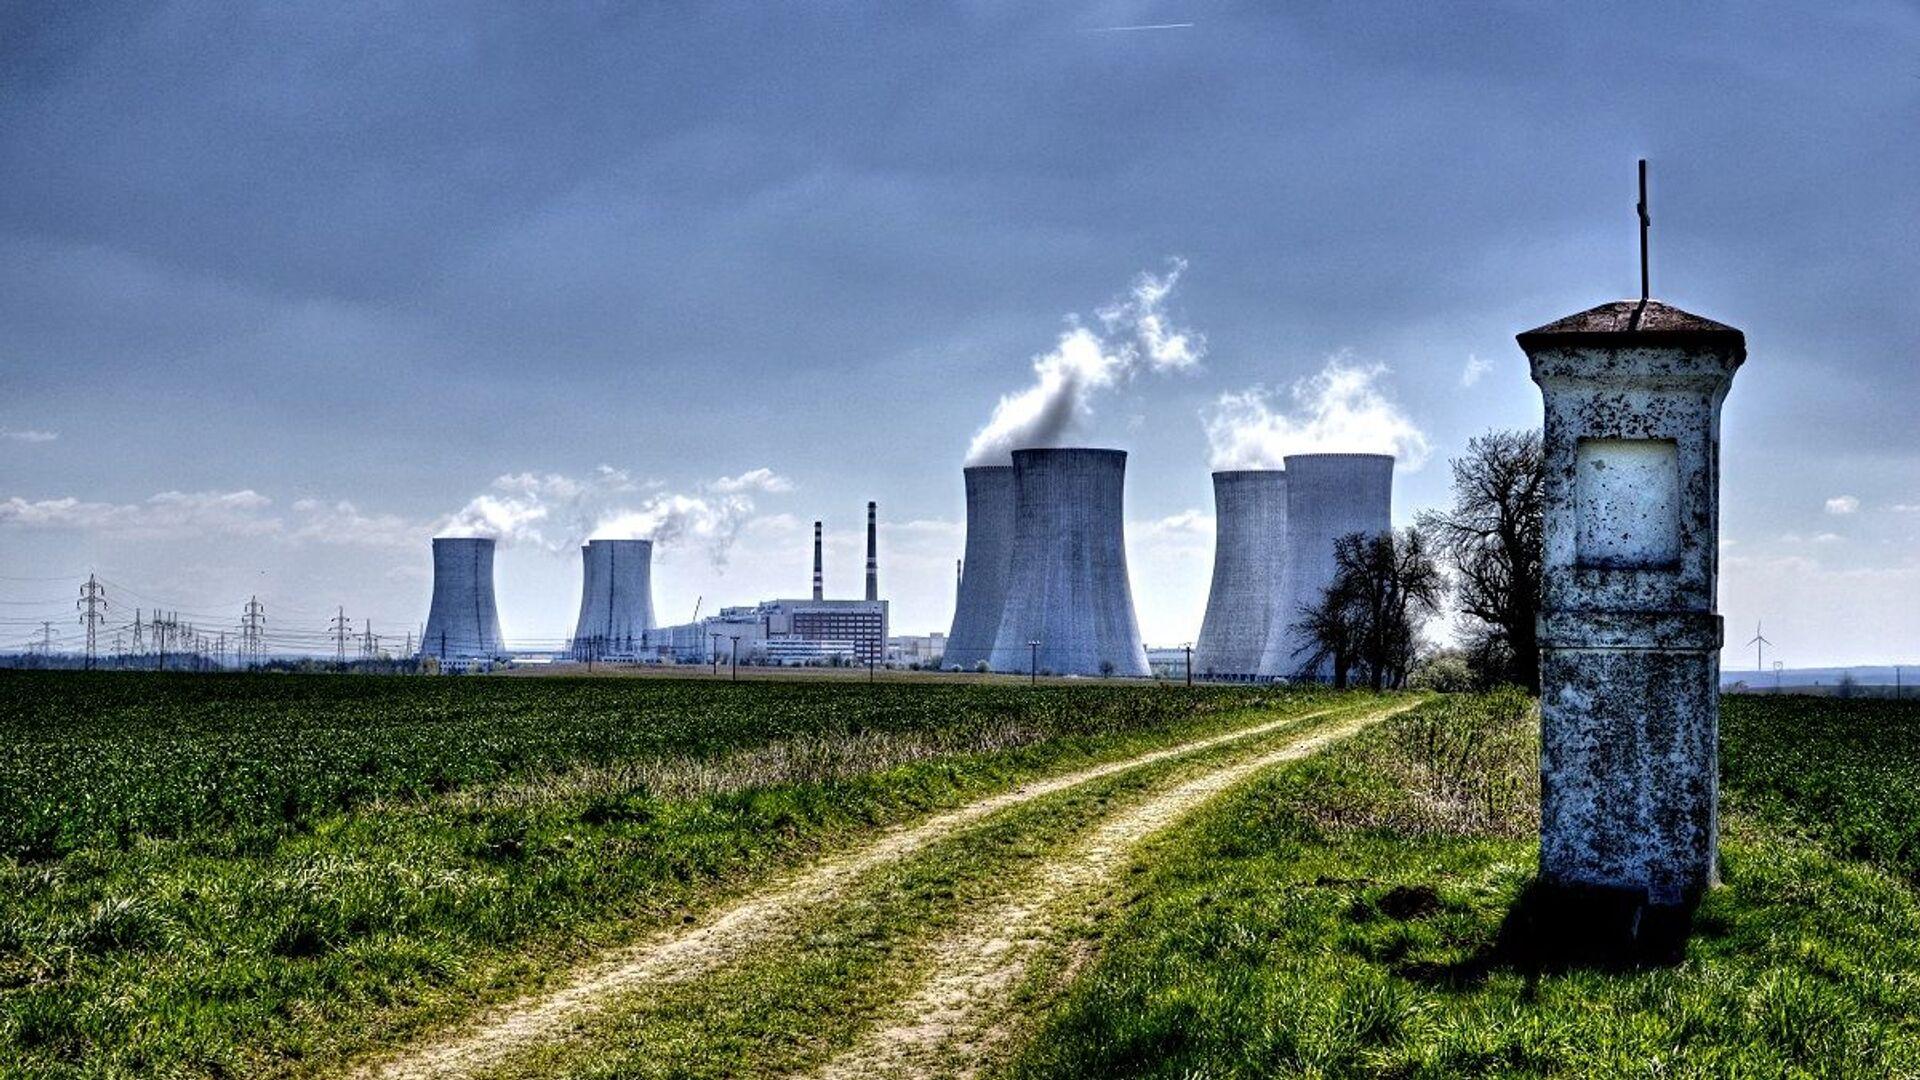 Jaderná elektrárna Dukovany - Sputnik Česká republika, 1920, 19.04.2021